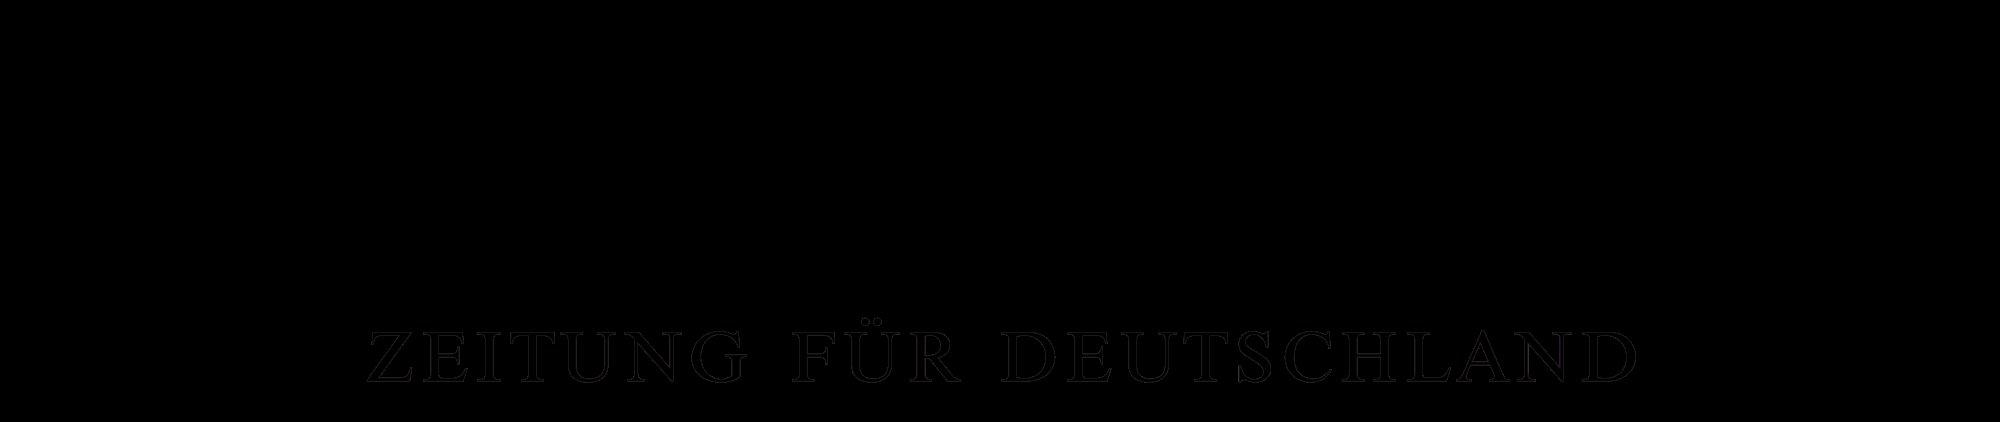 Frankfurter Allgemeine logo